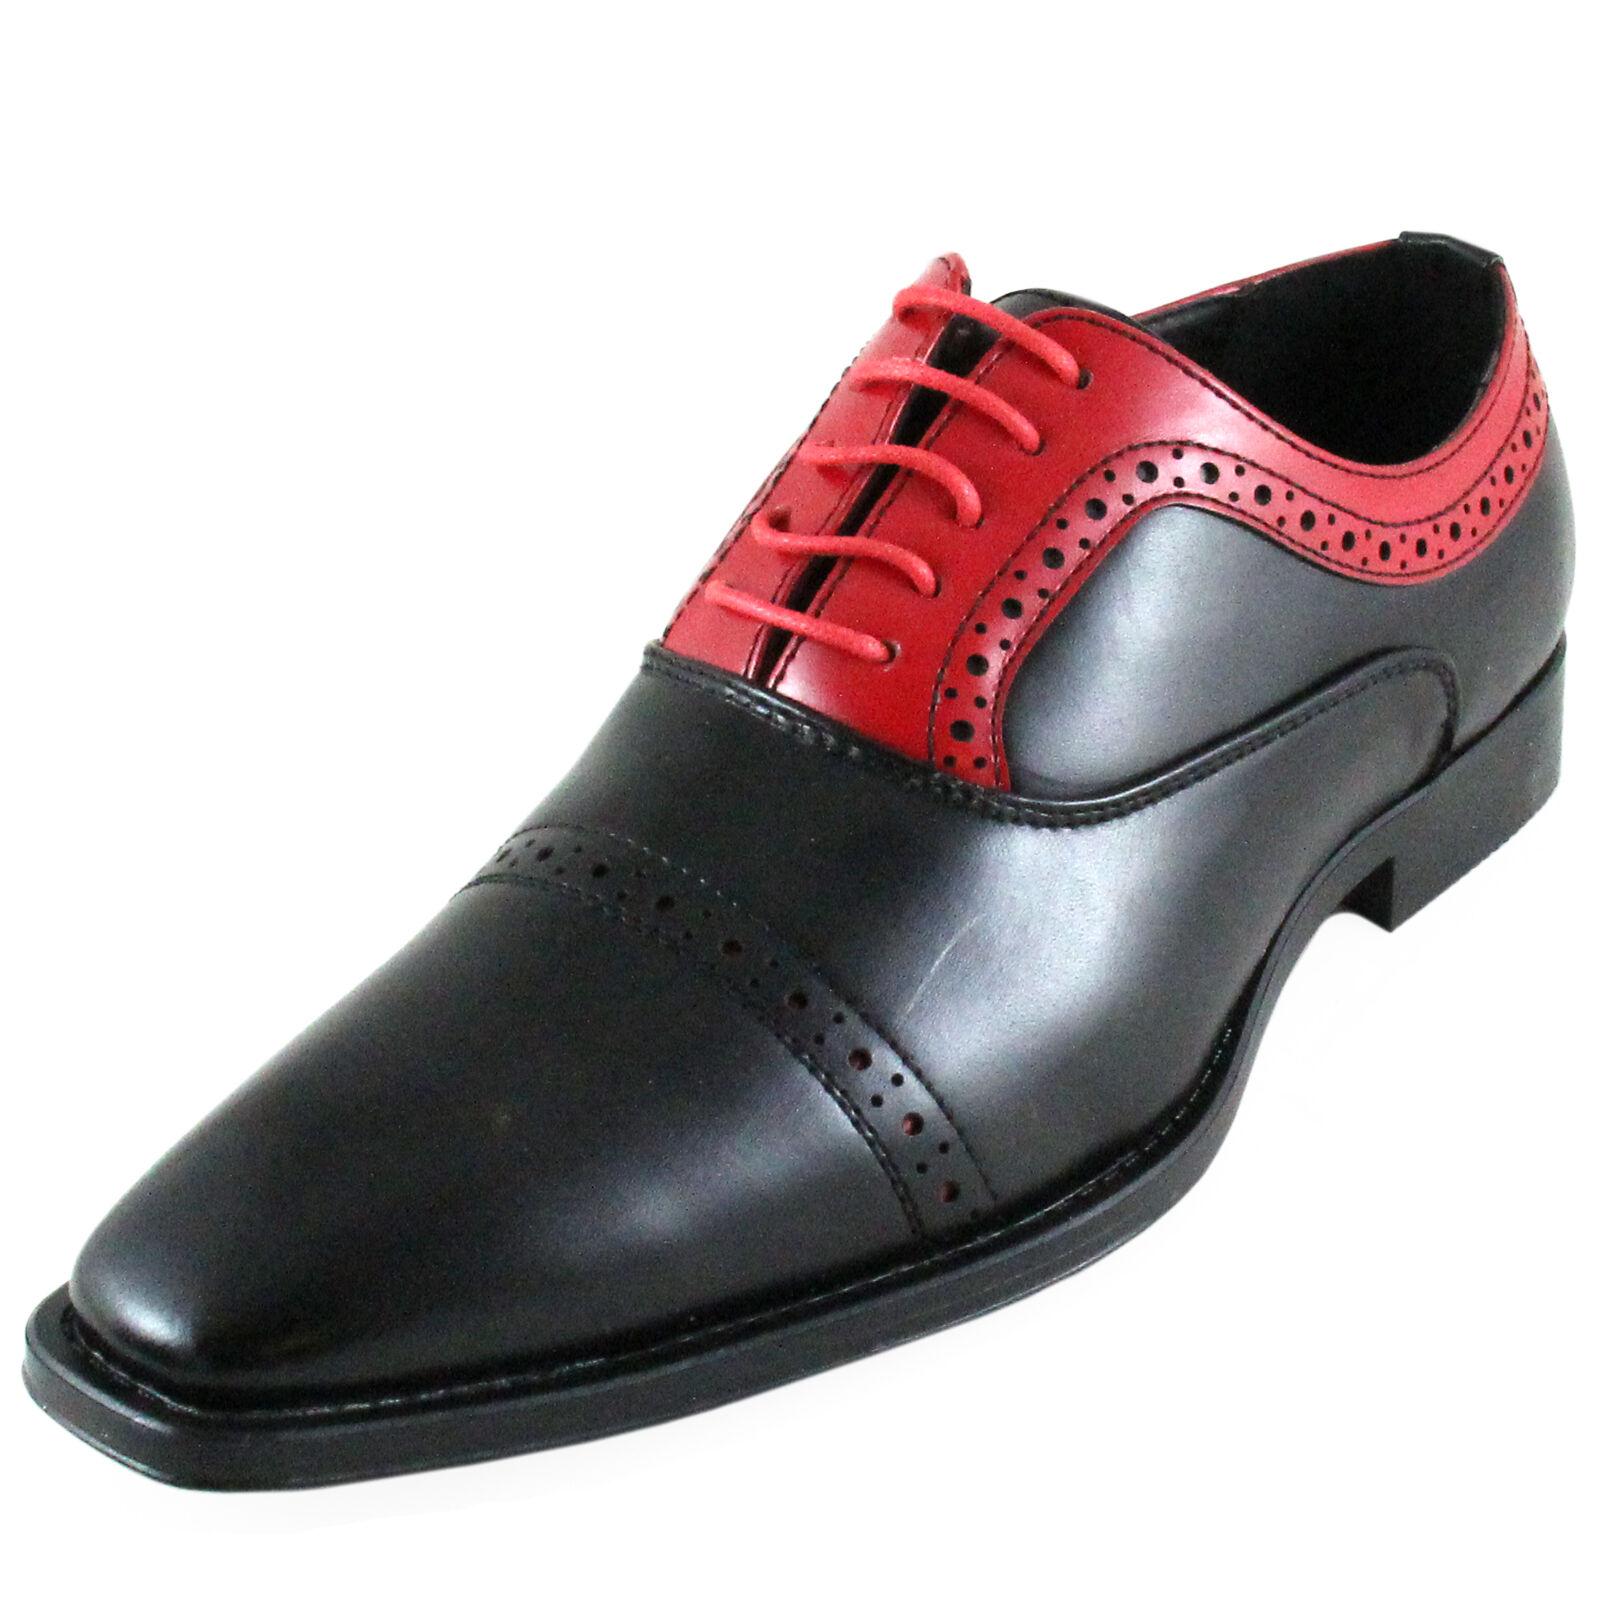 Neu Herren Formelle Schuhe Mode Feststoff Schnürer Style Schwarz Rot Hochzeit